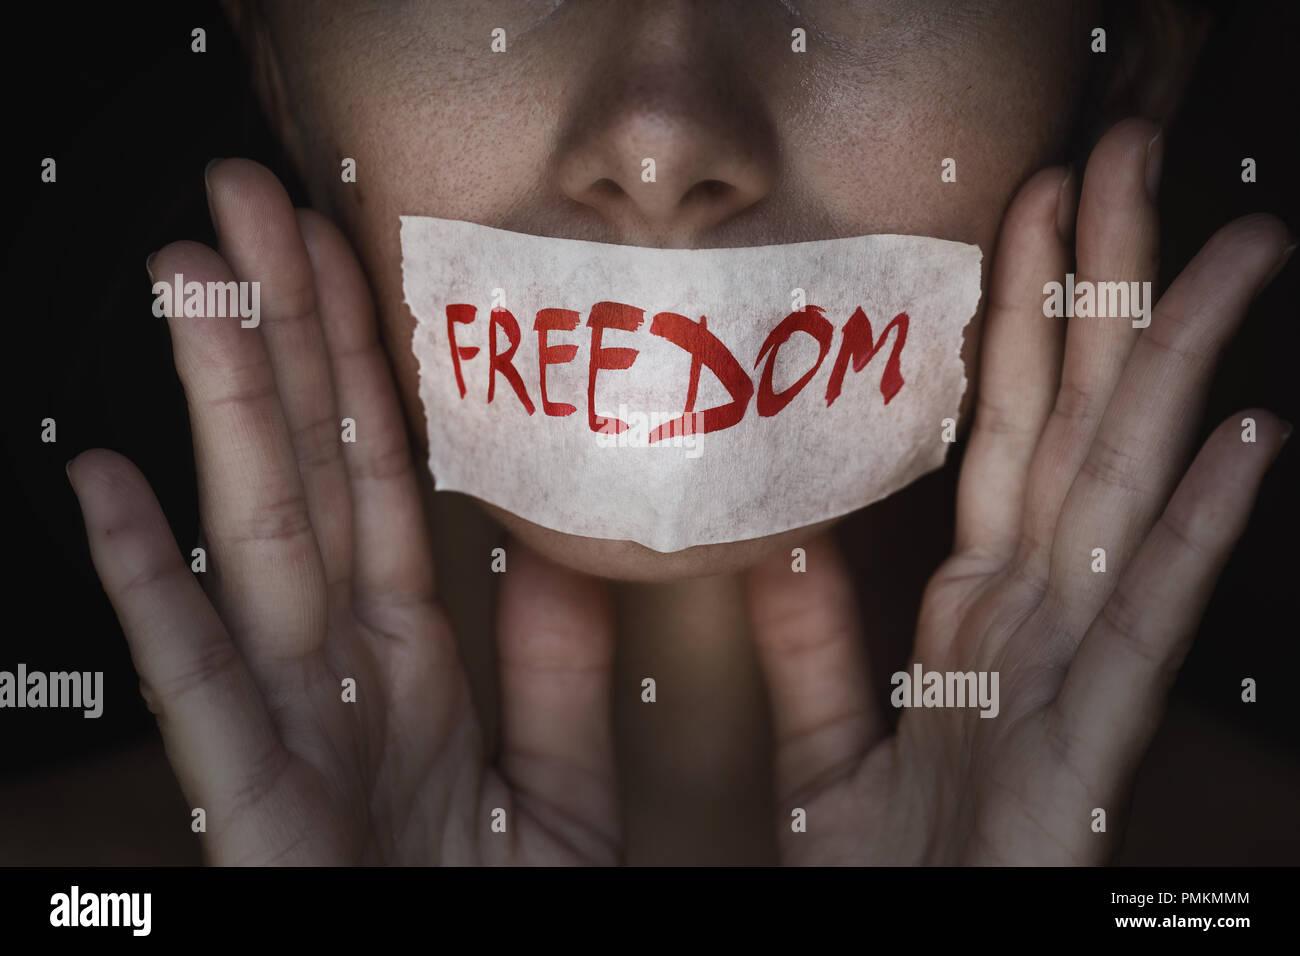 Concetto di libertà di parola: la bocca di una persona è sigillato con un nastro adesivo, primo piano Immagini Stock